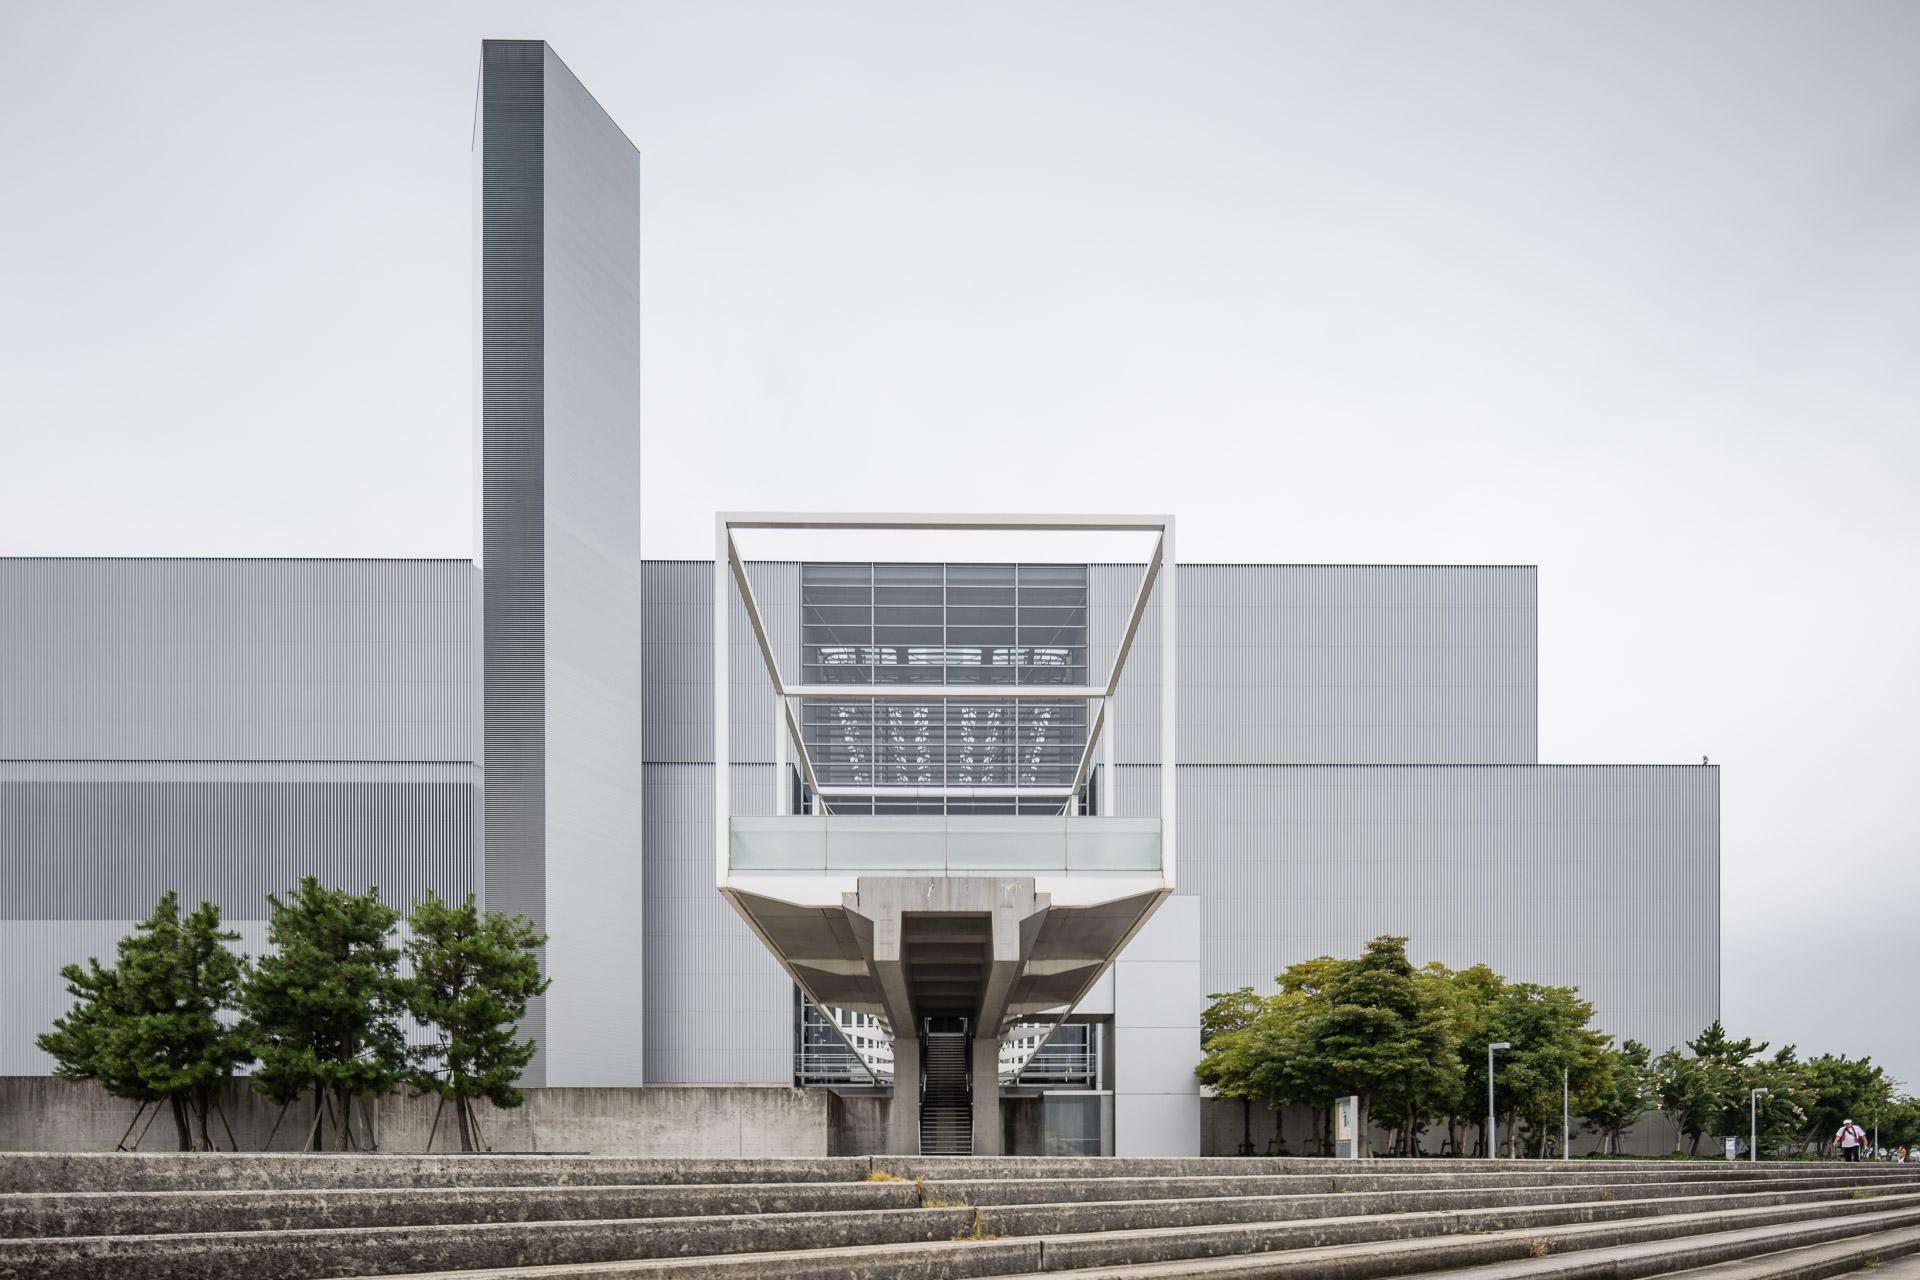 Müllverbrennungsanlage, Taniguchi in Hiroshima, Architekt Yoshio Taniguchi